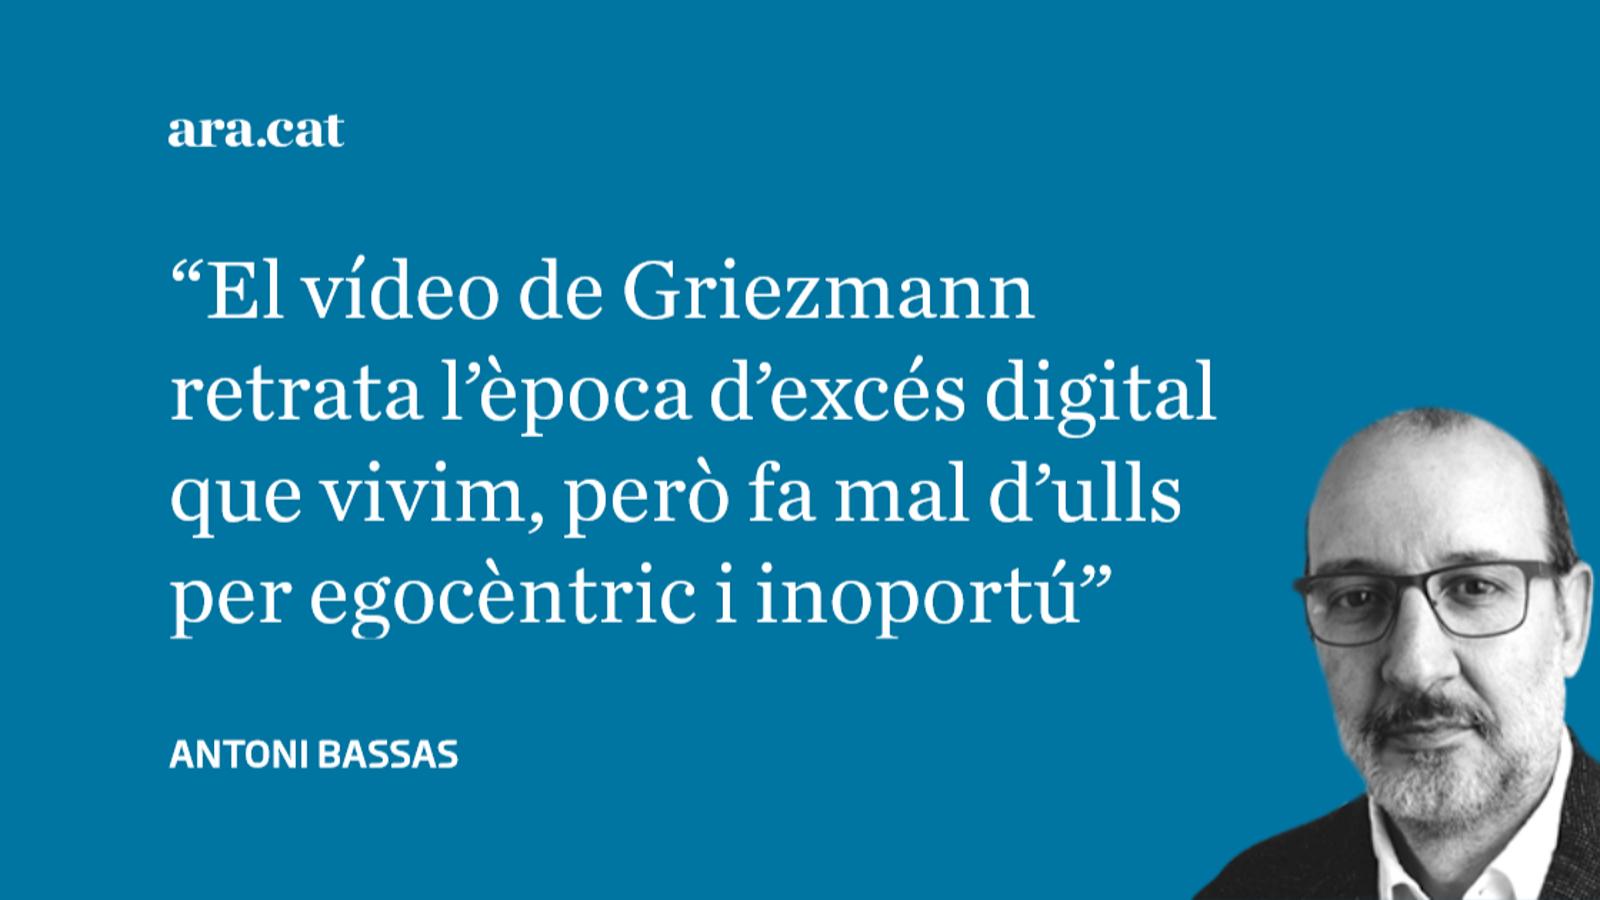 El vídeo de Griezmann, desproporció i pedagogia